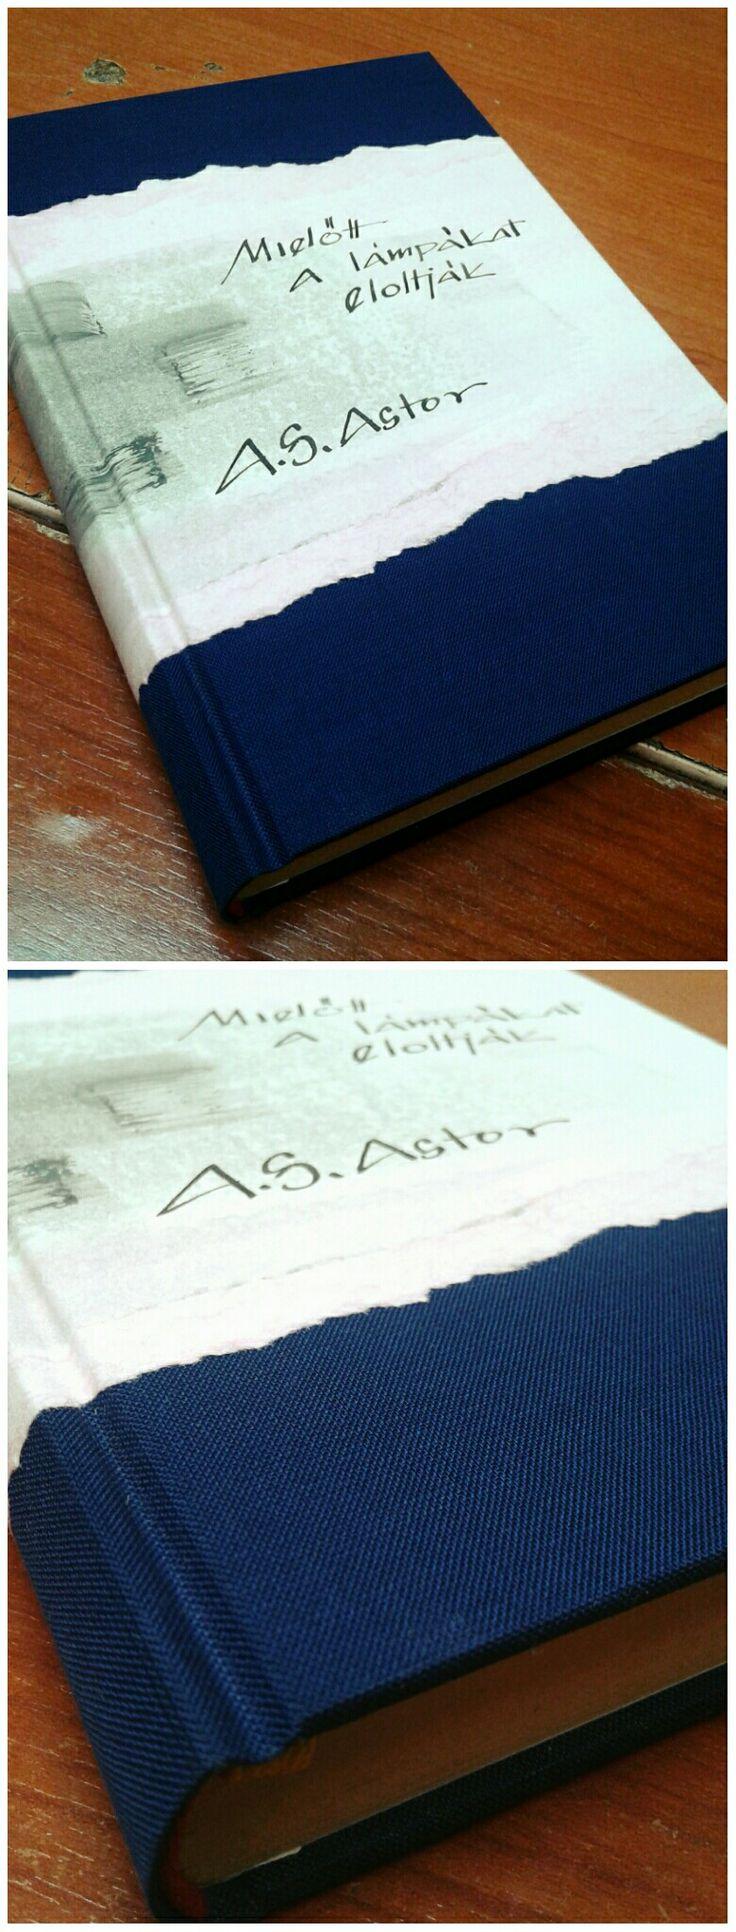 Kék vászon,kézzel festett betéttel,tintával kézzel írva.